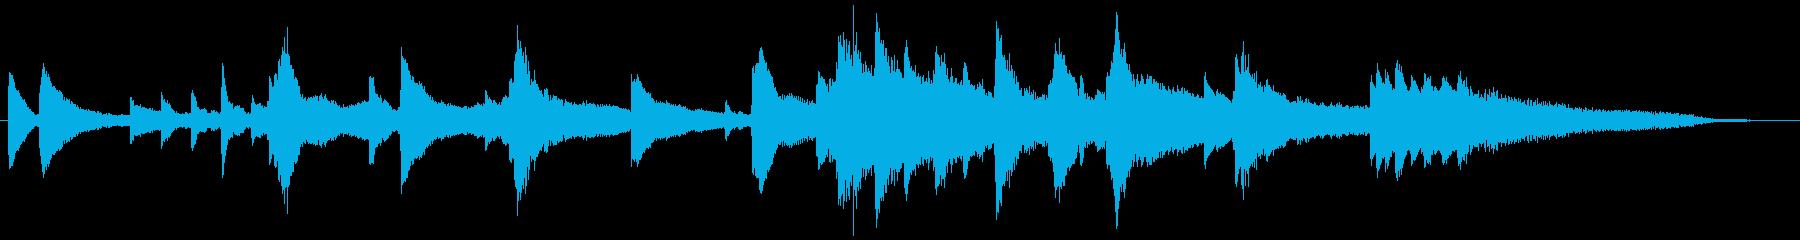 30秒CM/企業VP用。幻想的なピアノ曲の再生済みの波形